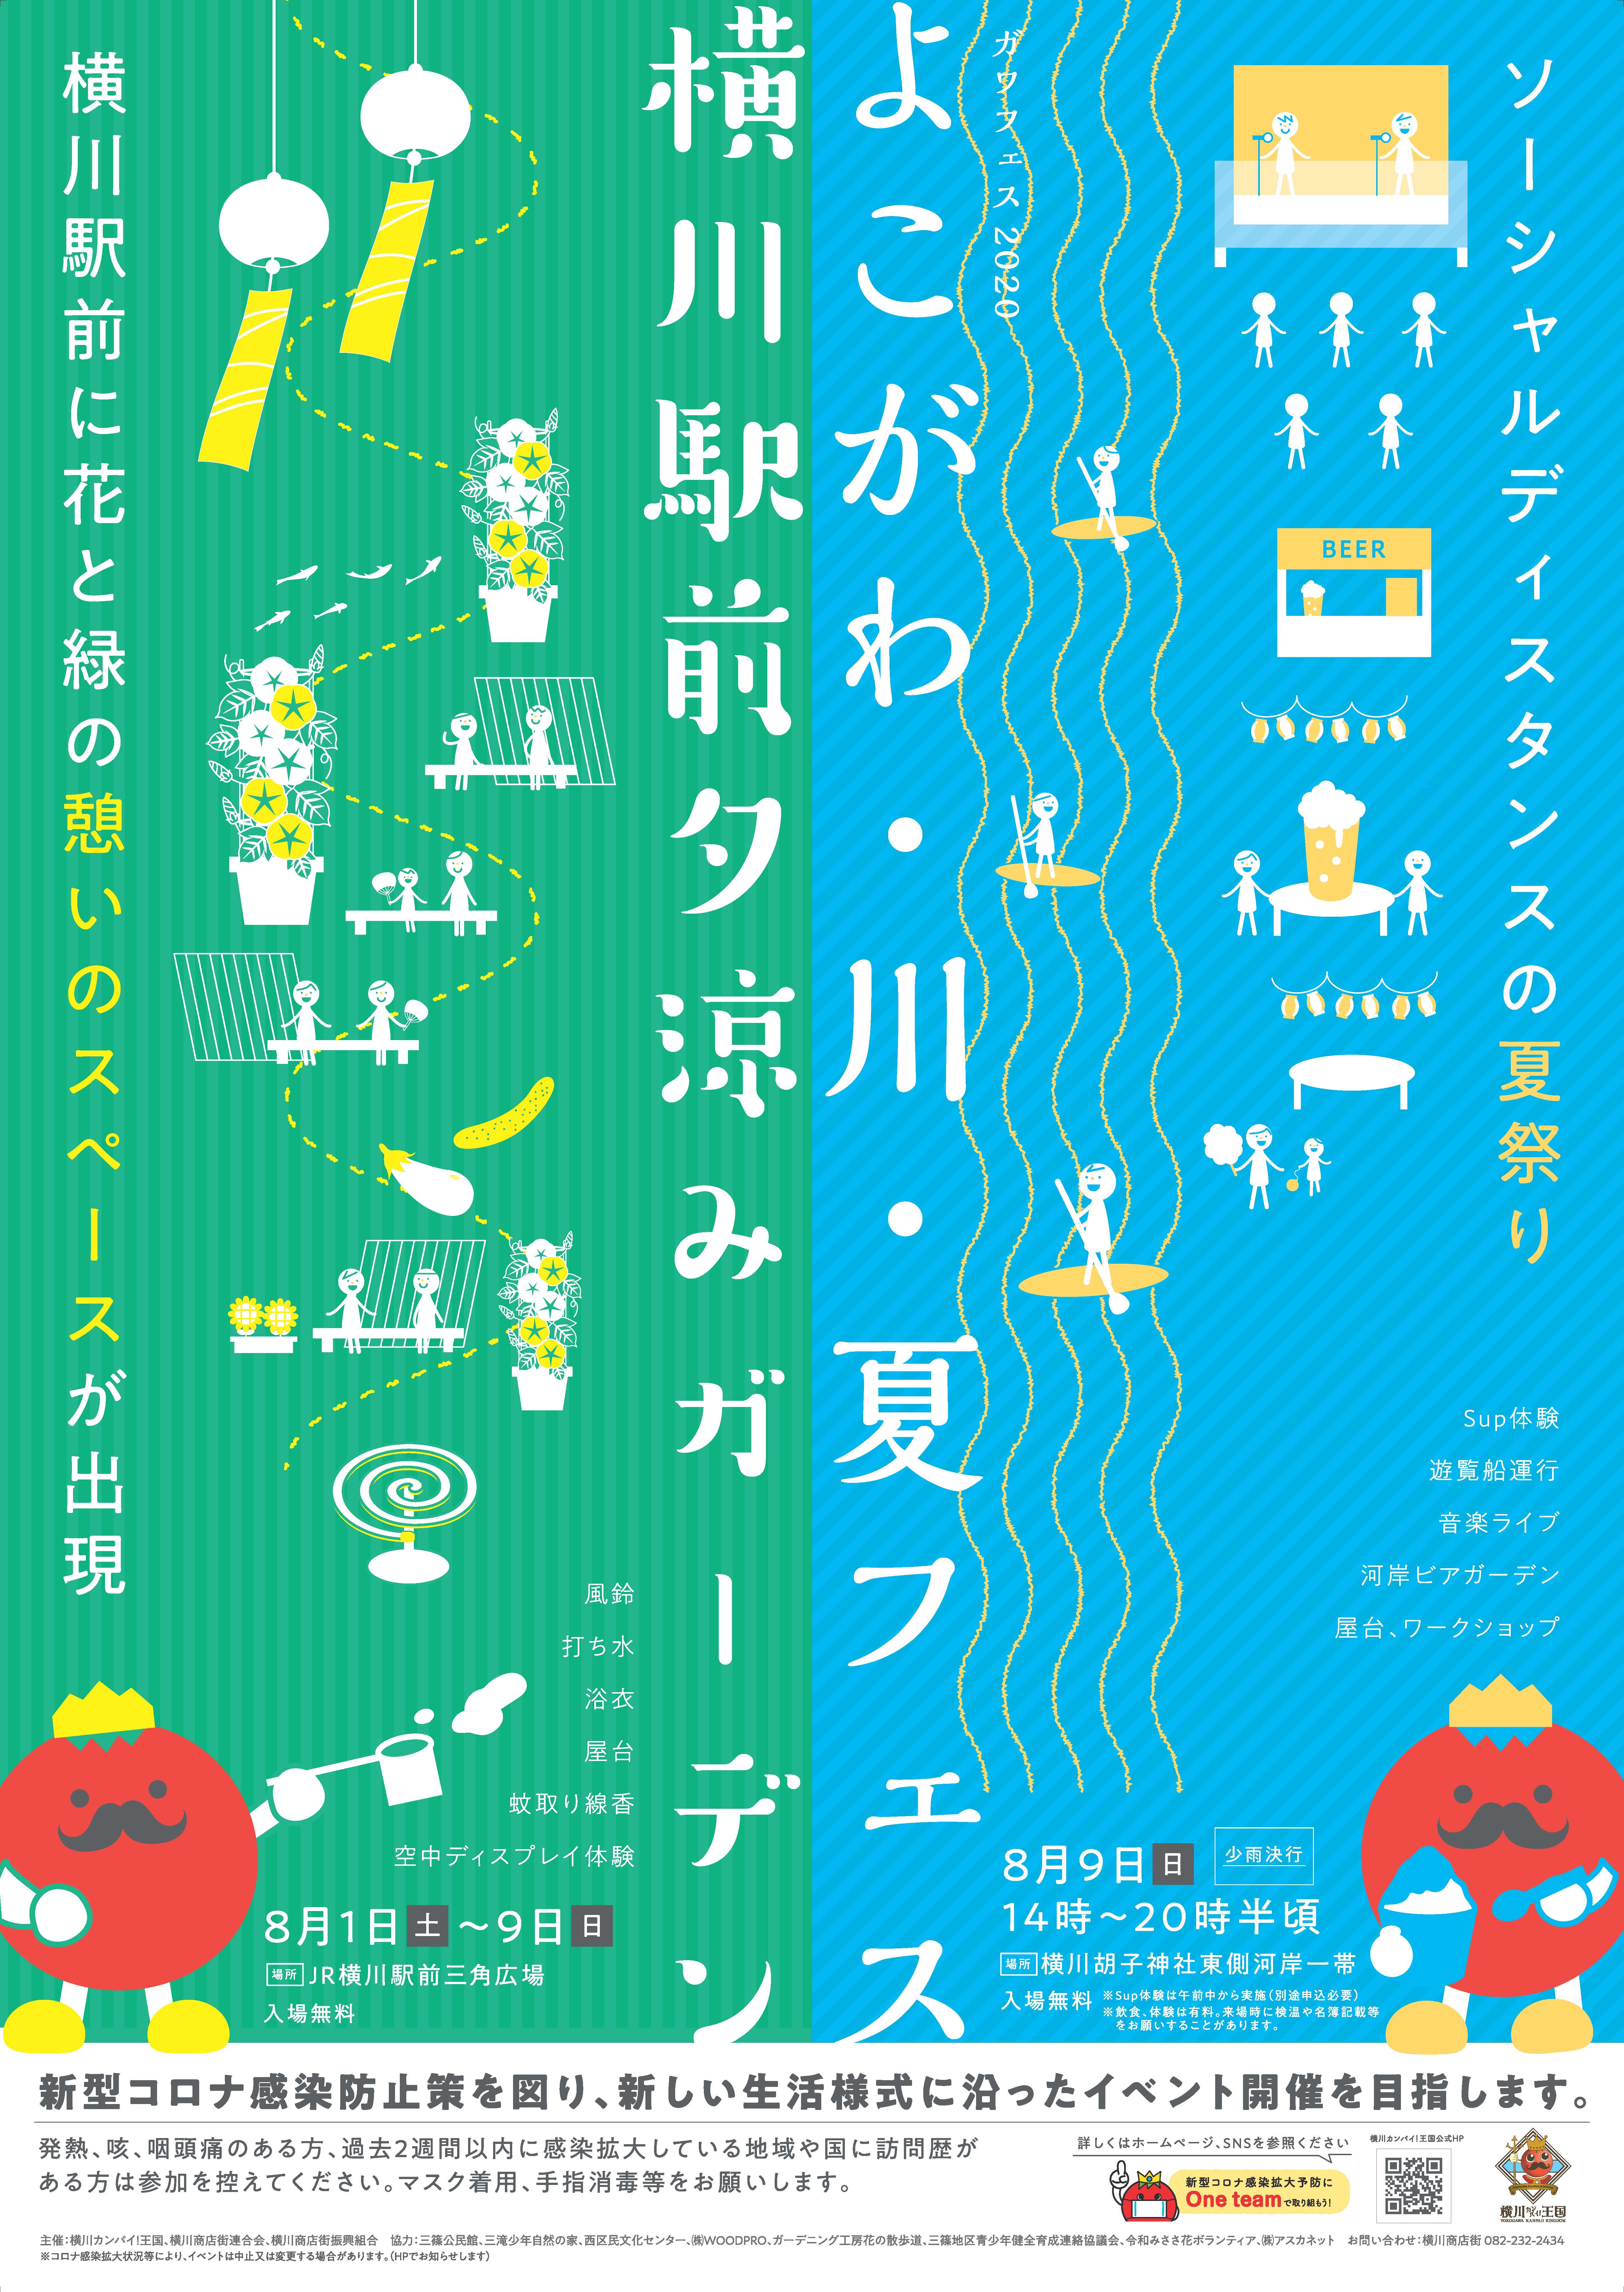 横川駅前夕涼みガーデン&よこがわ・川・夏フェス